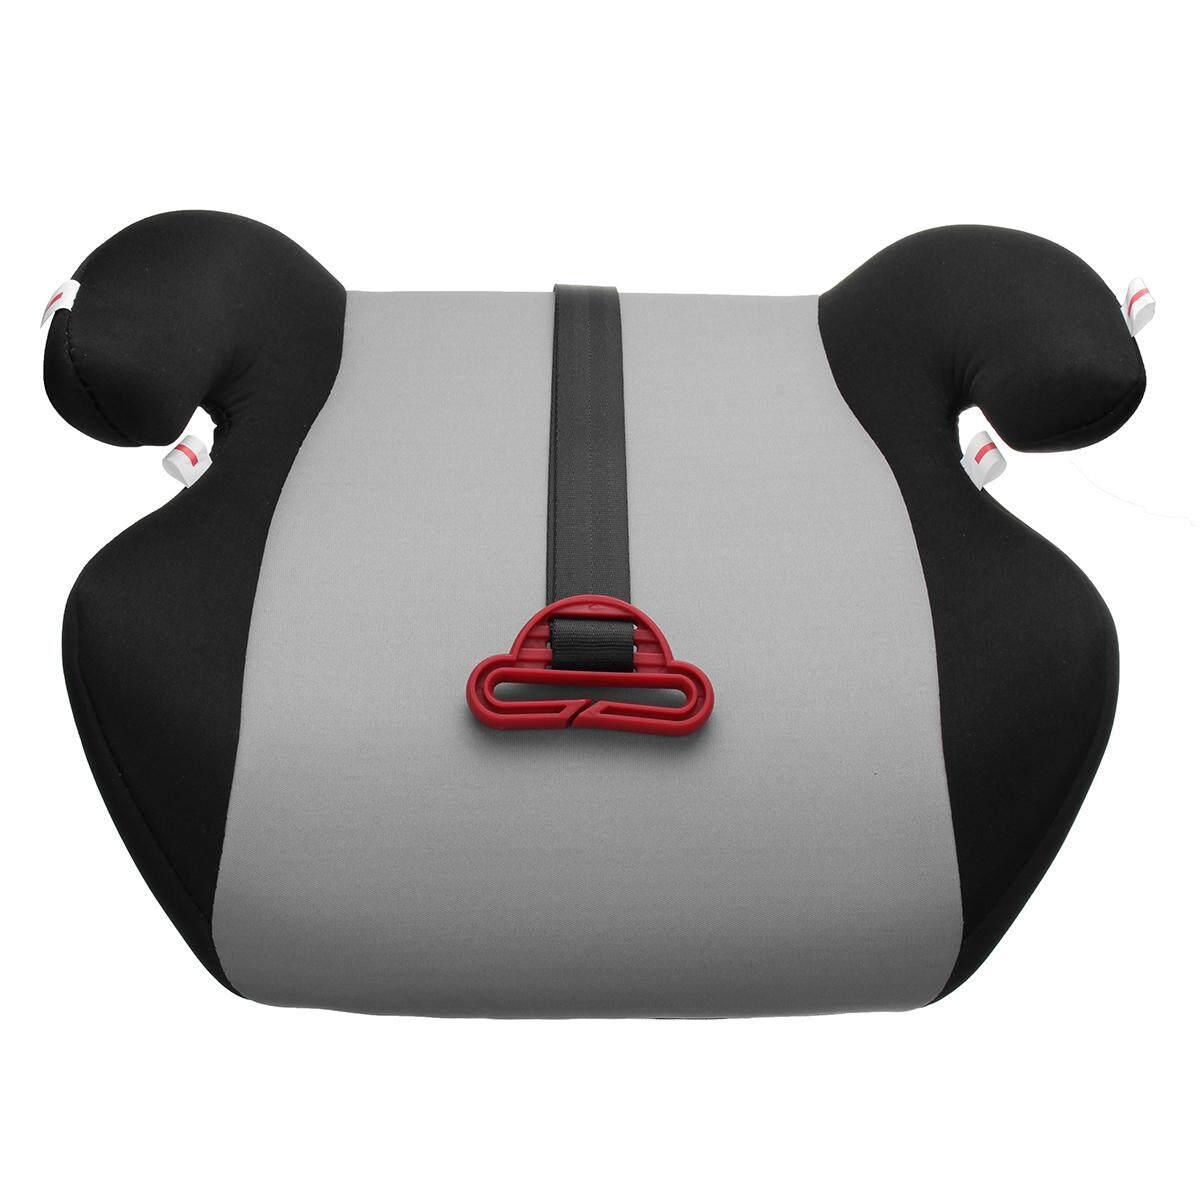 คาร์ซีท เบาะรองนั่ง ที่รองนั่ง เบาะรองนั่งเด็กในรถ คาร์ซีทแบบบูสเตอร์ซีท Car Safety Seat Booster Breathable Cushion Portable Comfortable For Baby Toddler Kids Children